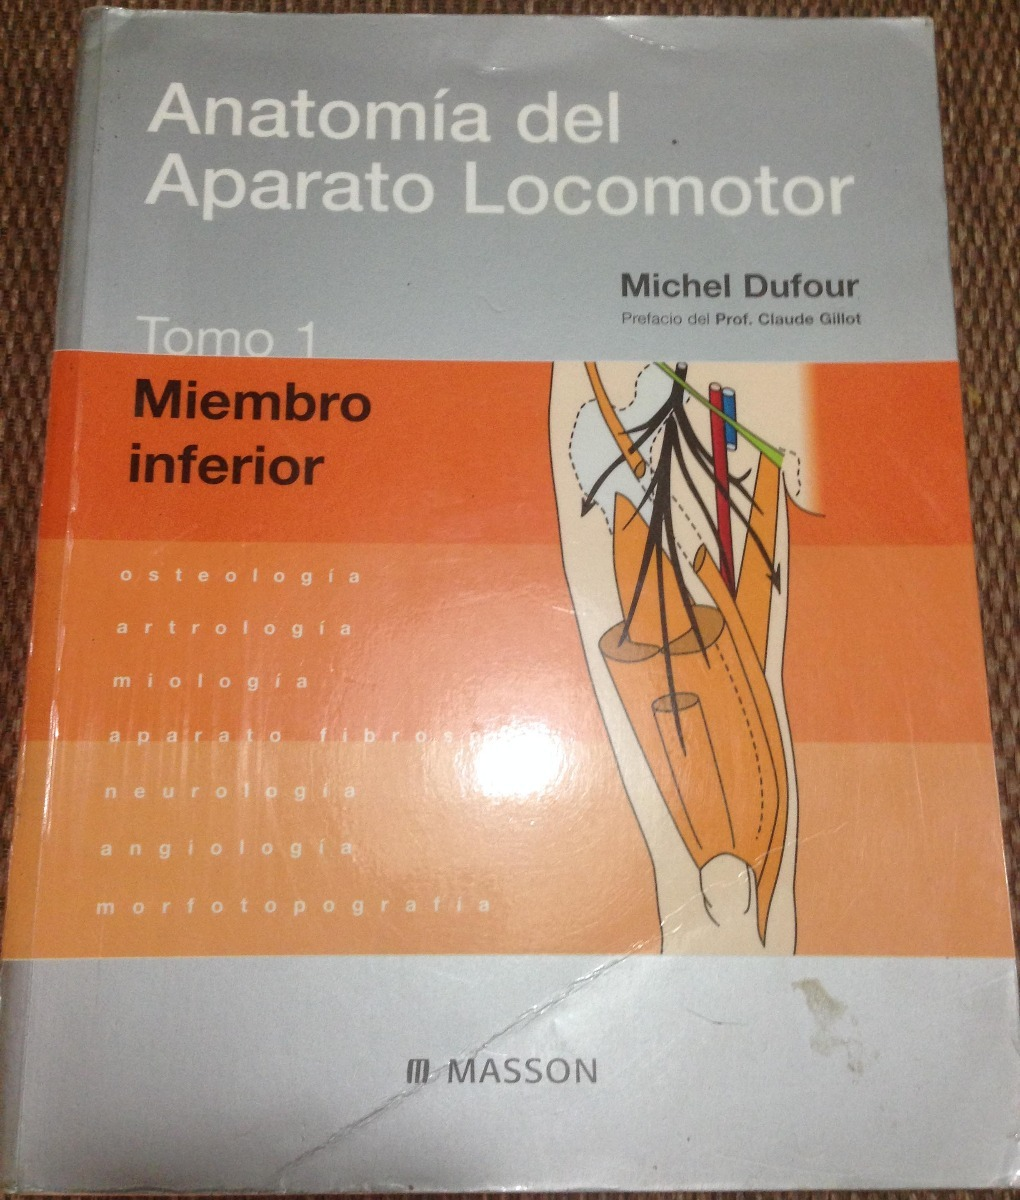 Anatomia Del Aparato Locomotor Vol 1. Michel Dufour - Bs. 825,00 en ...